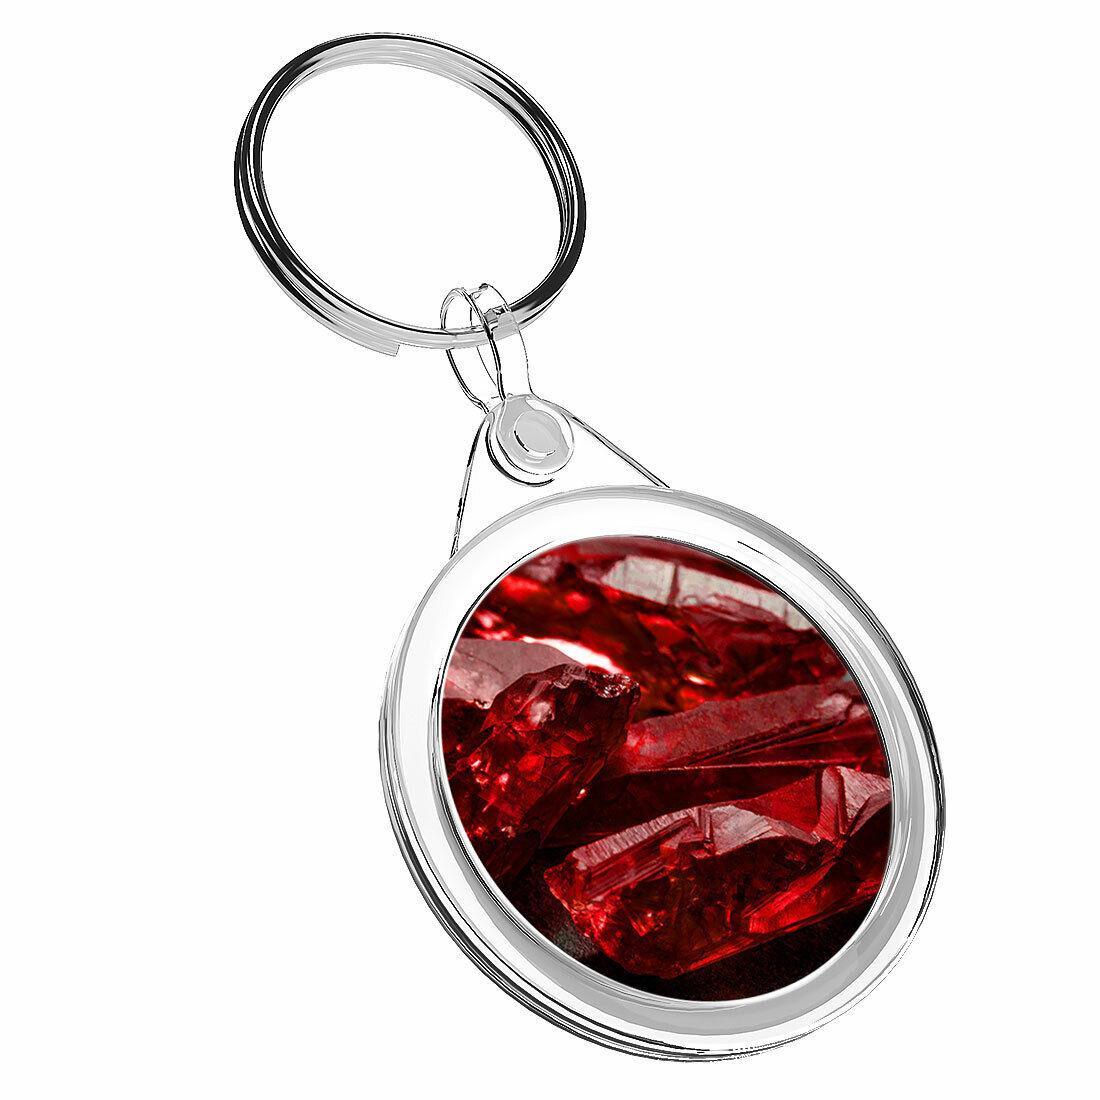 1 cristales de Rubí Rojo Sin Cortar x Deep-Llavero IR02 mamá DAD Niños Regalo de Cumpleaños #3613